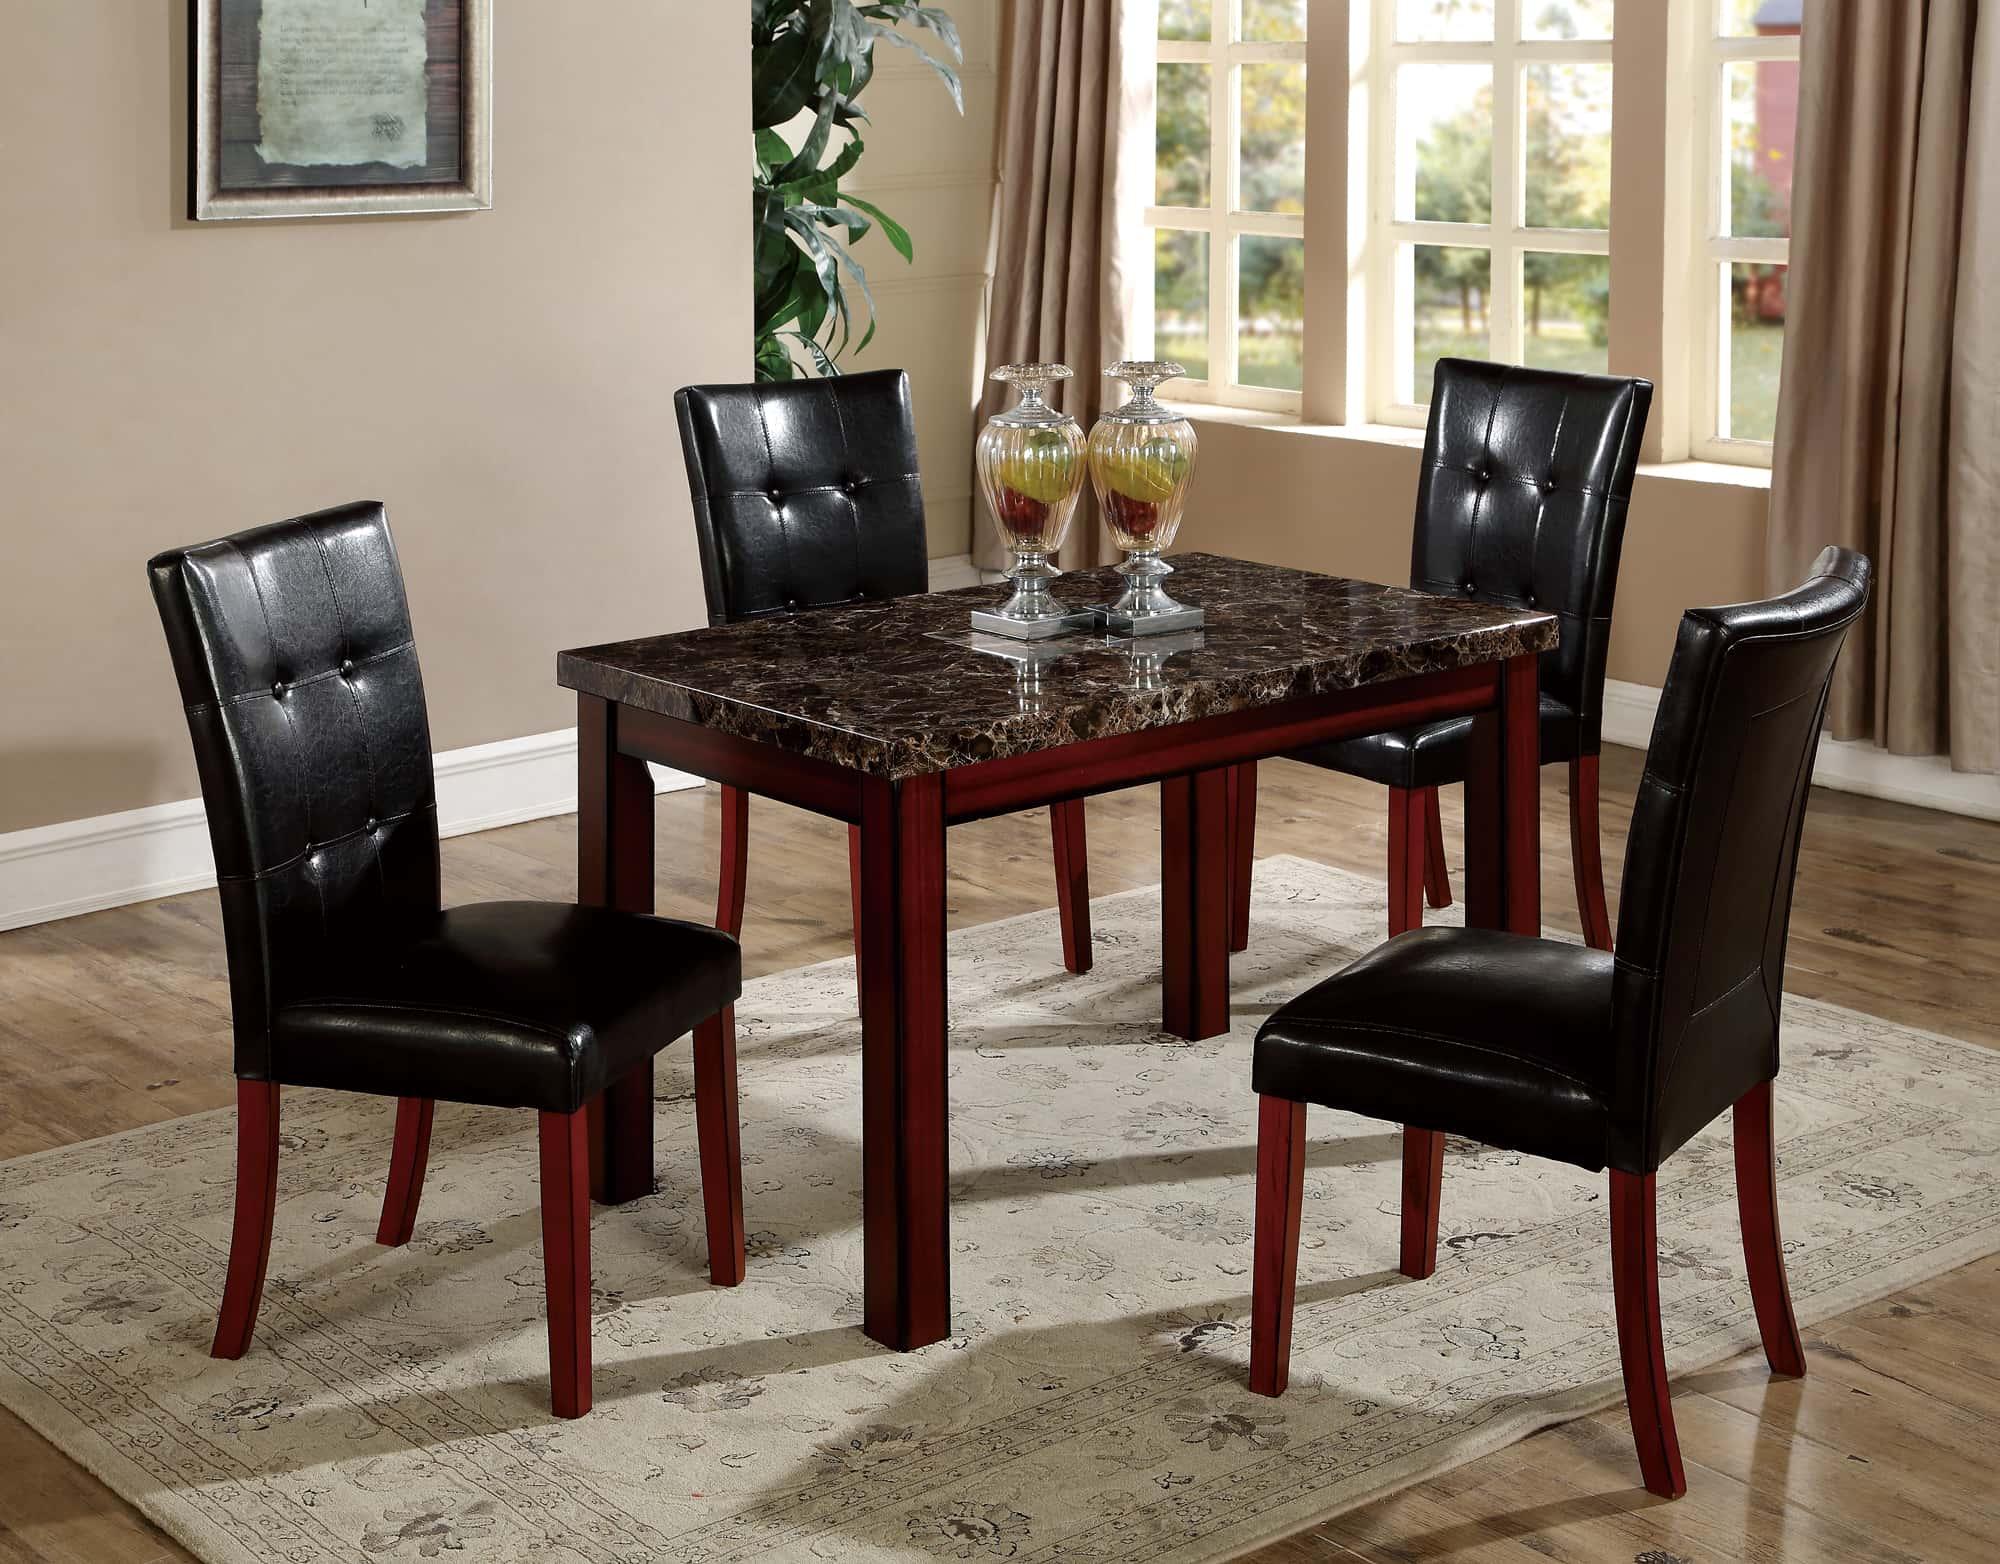 dining table d4048dt rhombus oak by global furniture. Black Bedroom Furniture Sets. Home Design Ideas